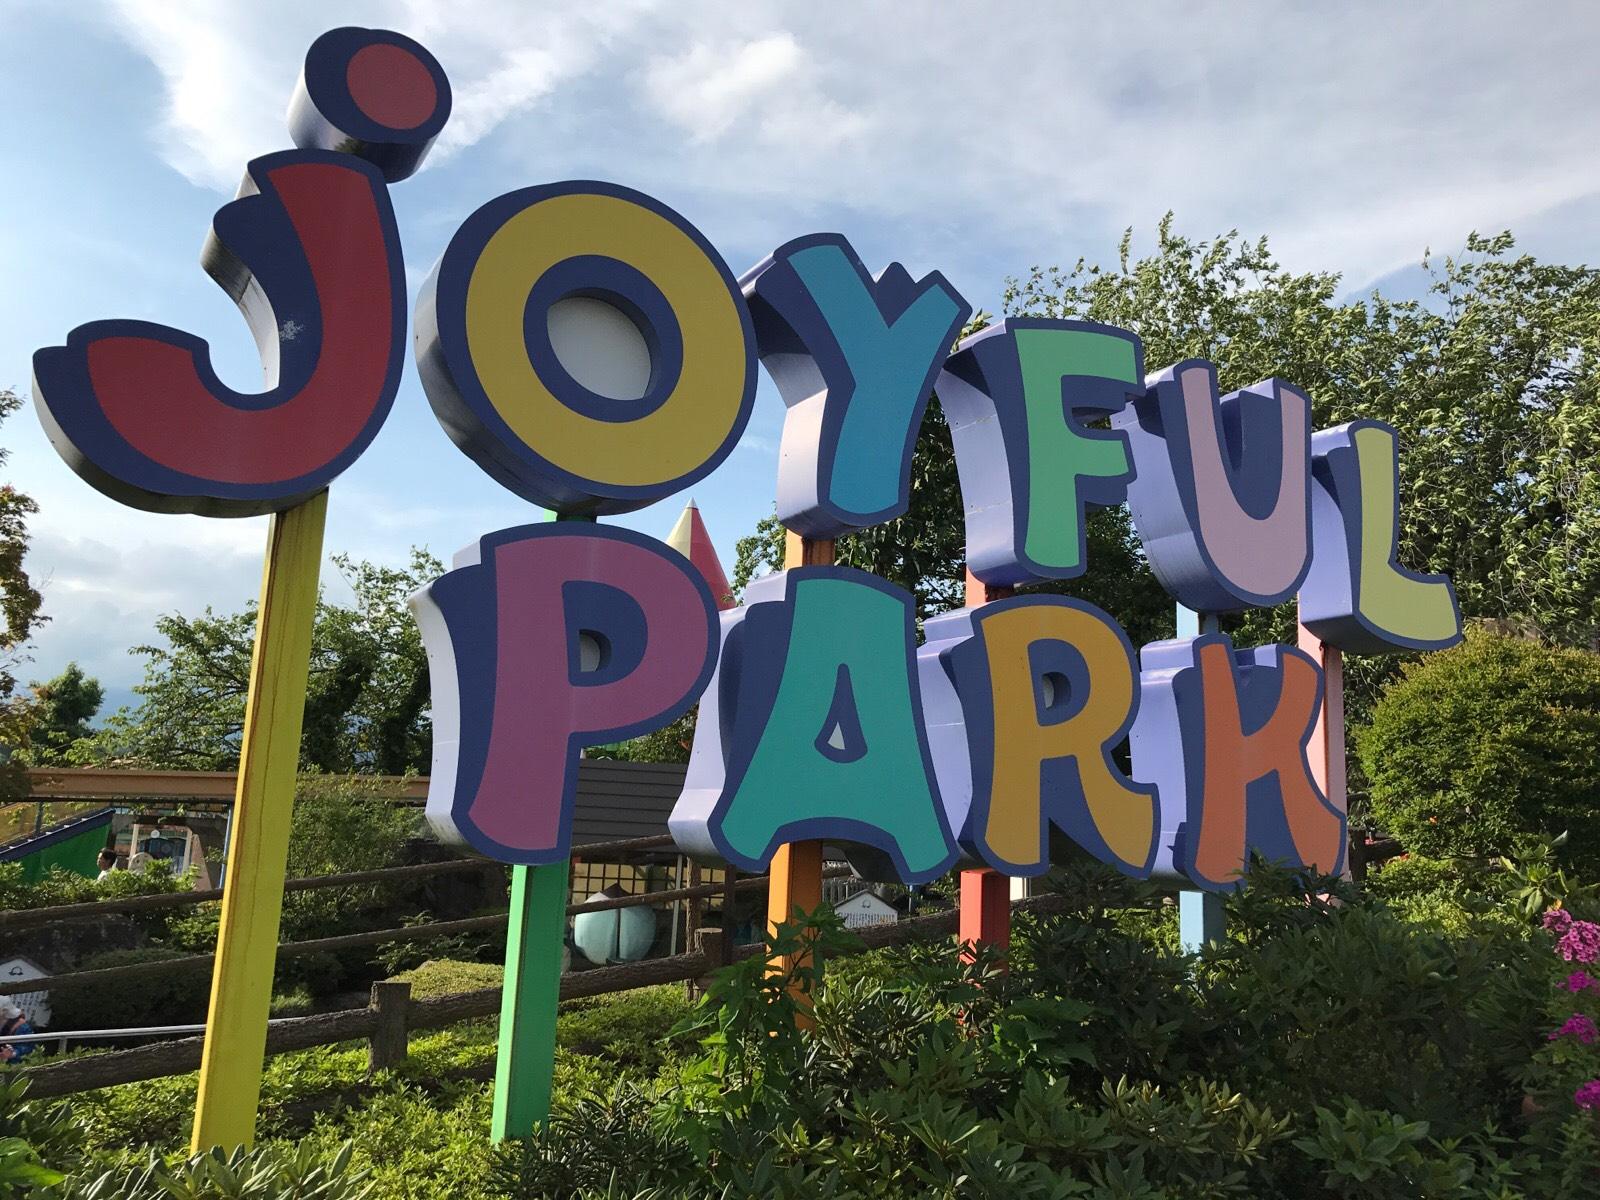 蒜山高原ジョイフルパーク:乗り物の待ち時間が短く小学生までなら十分楽しめる